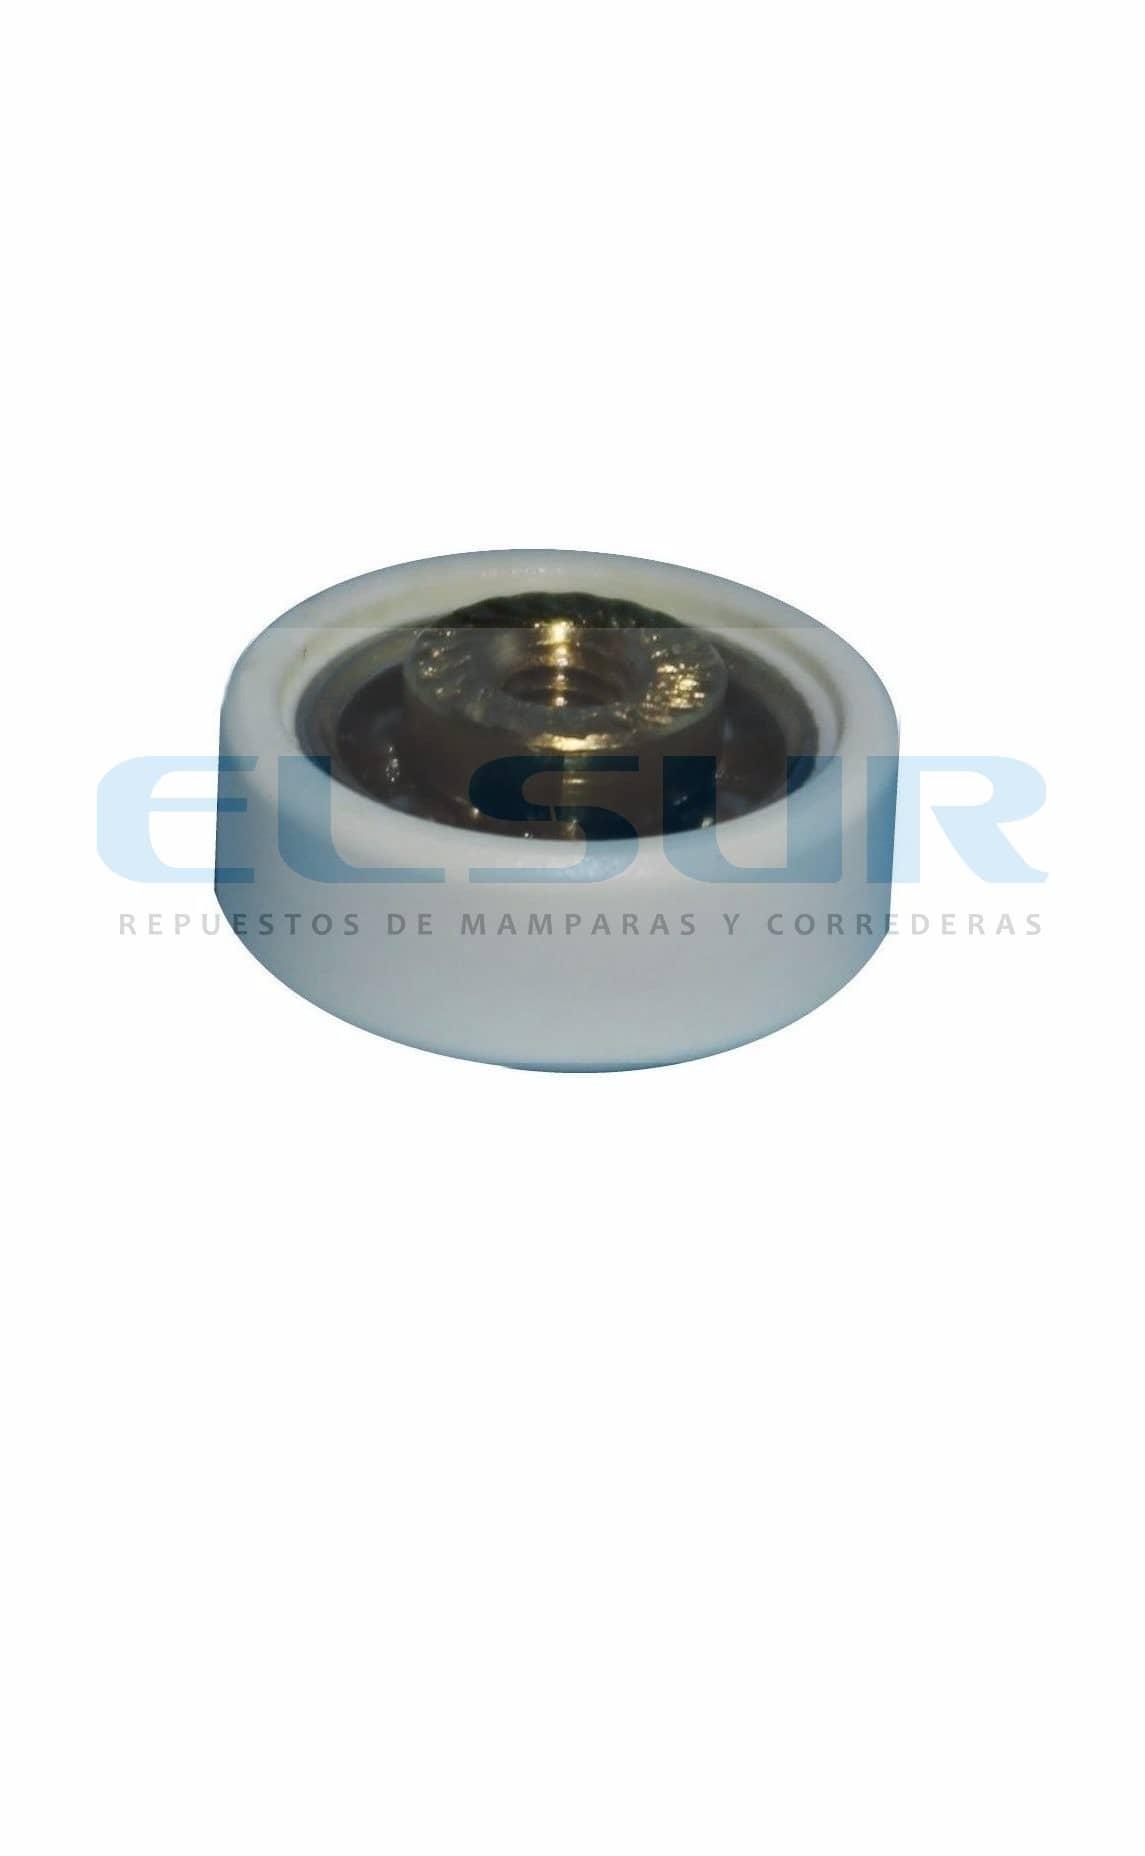 Rodamiento pista lisa 19 mm bolas grosor 6,8mm